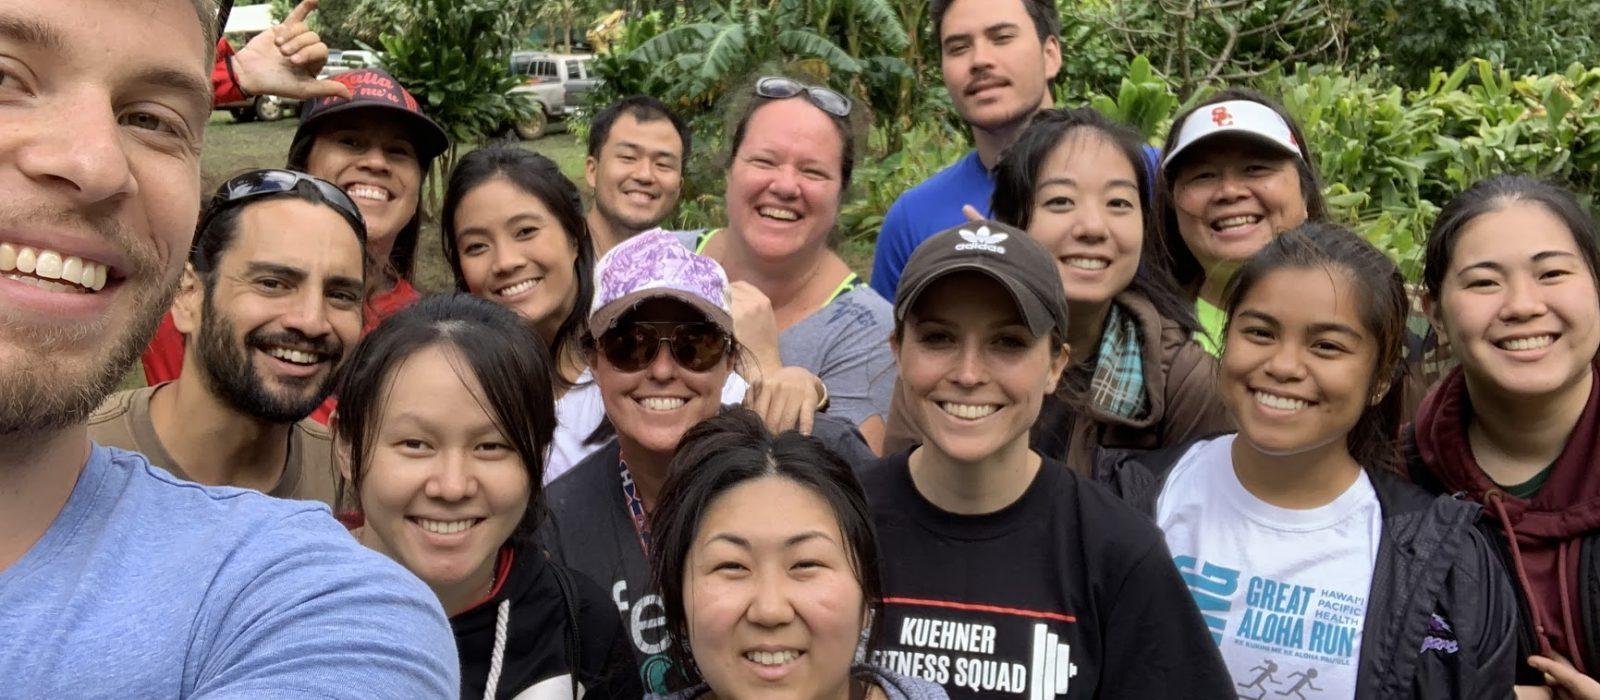 PBCTE Cohort 1 and alumni posing together during Hoʻoulu ʻĀina Community Workday